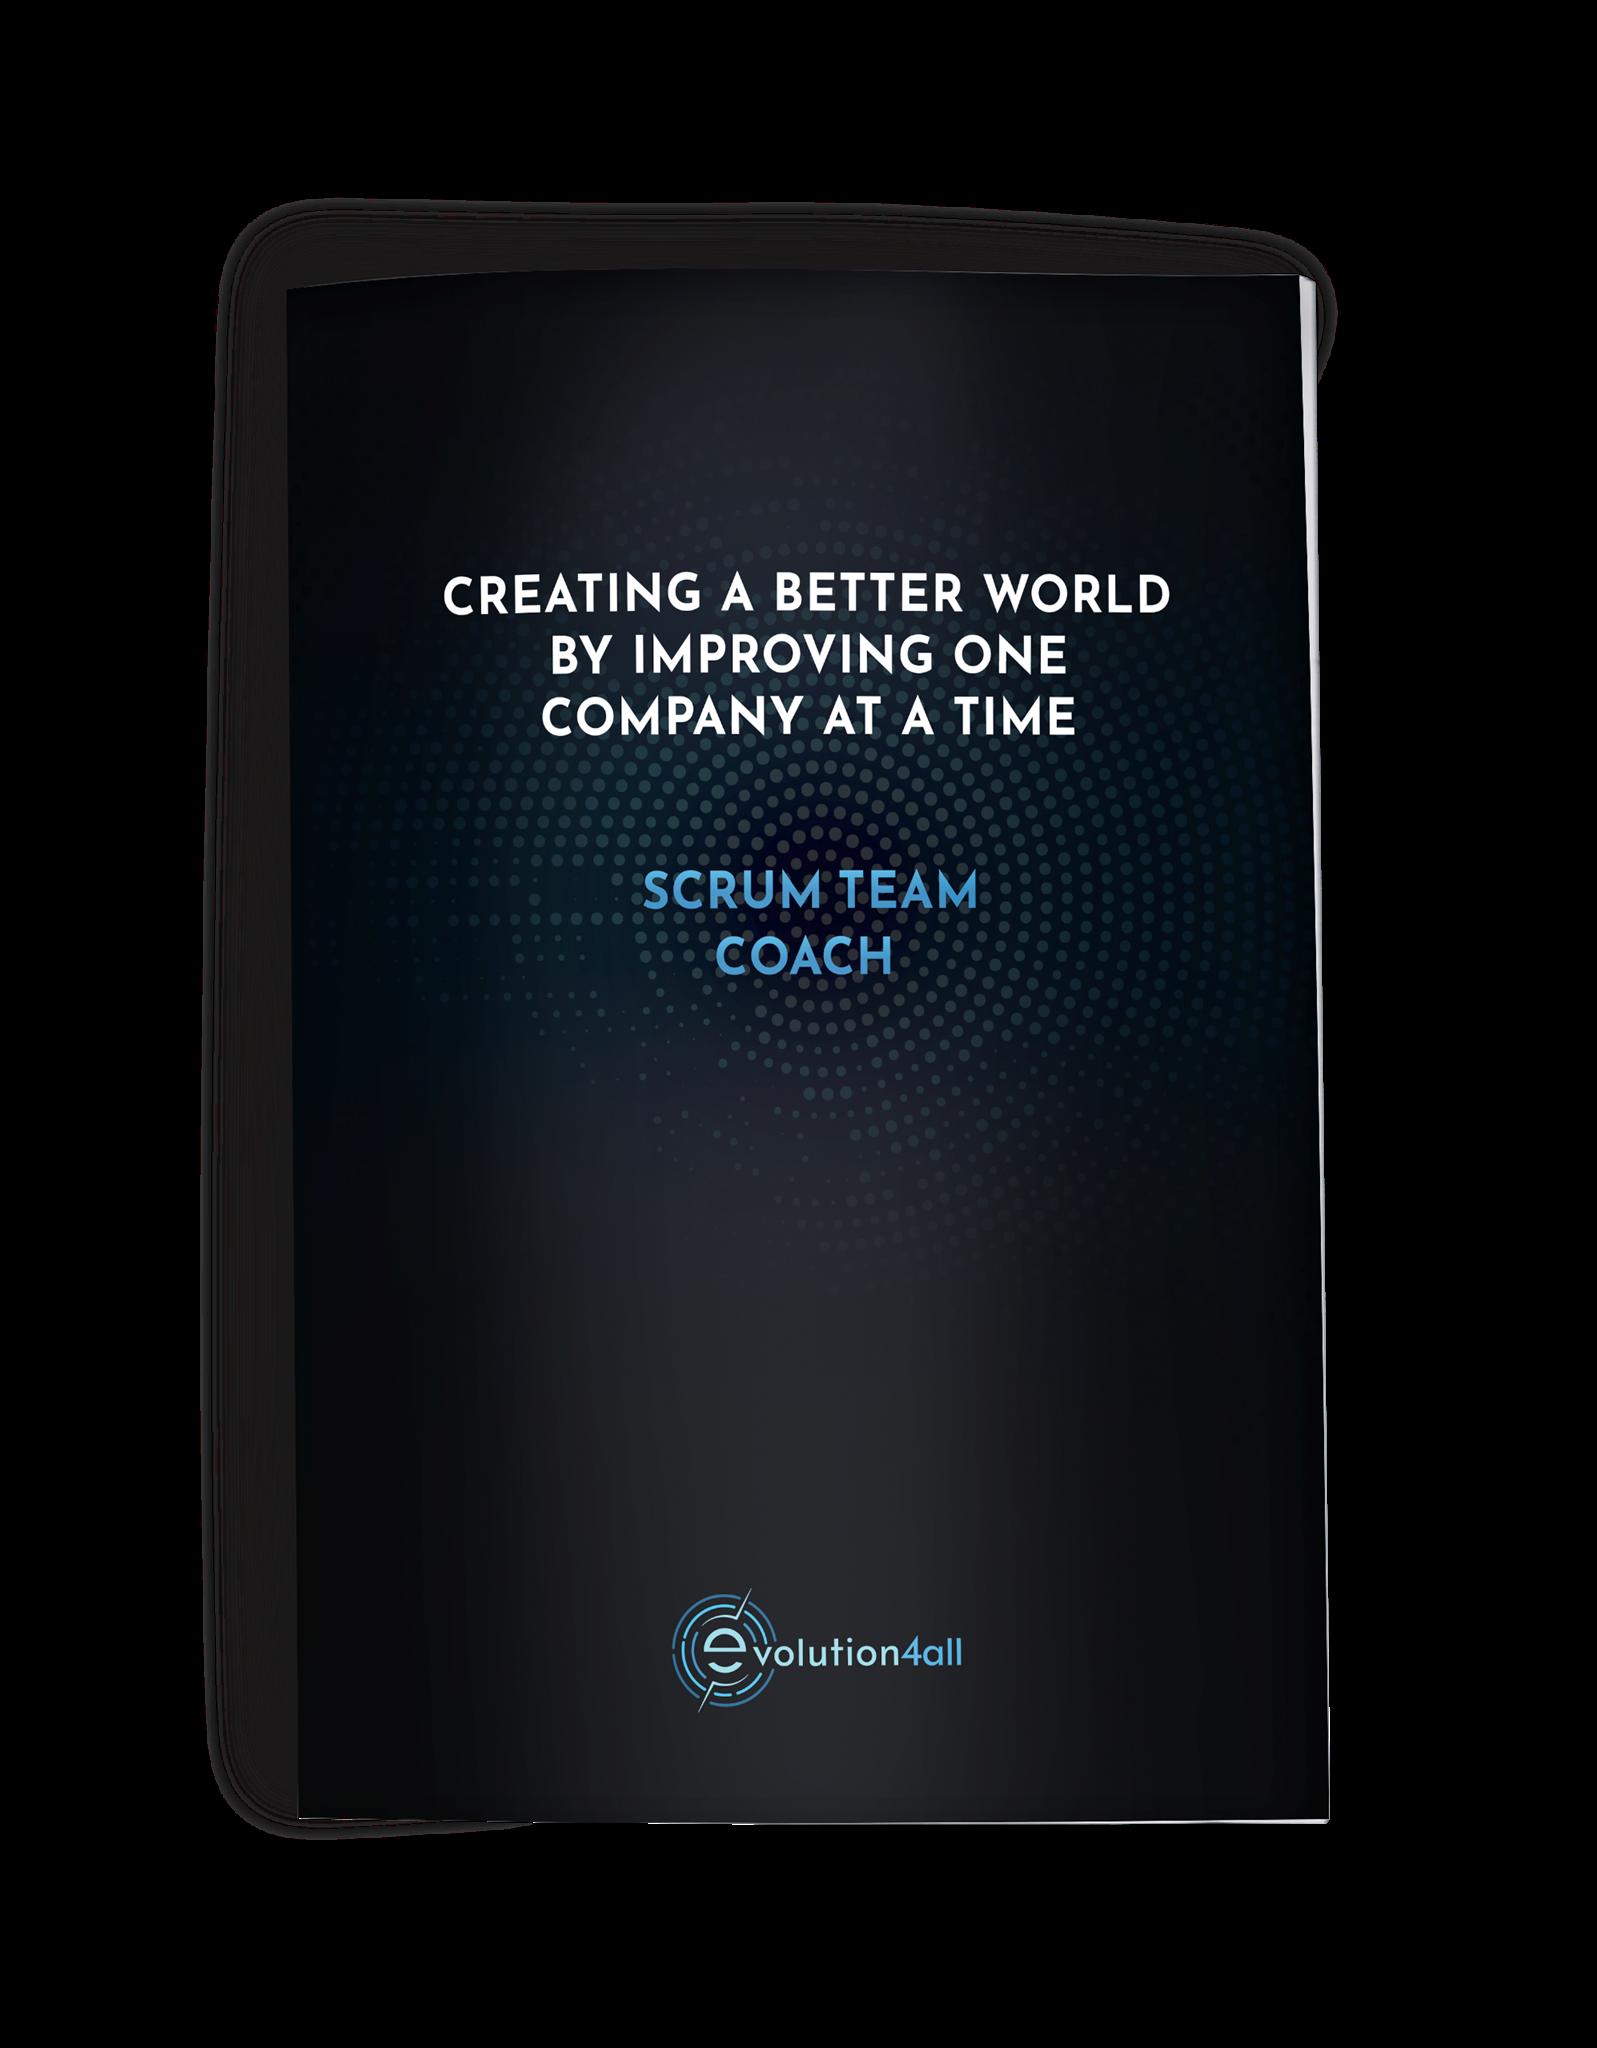 Scrum Team Coach Product